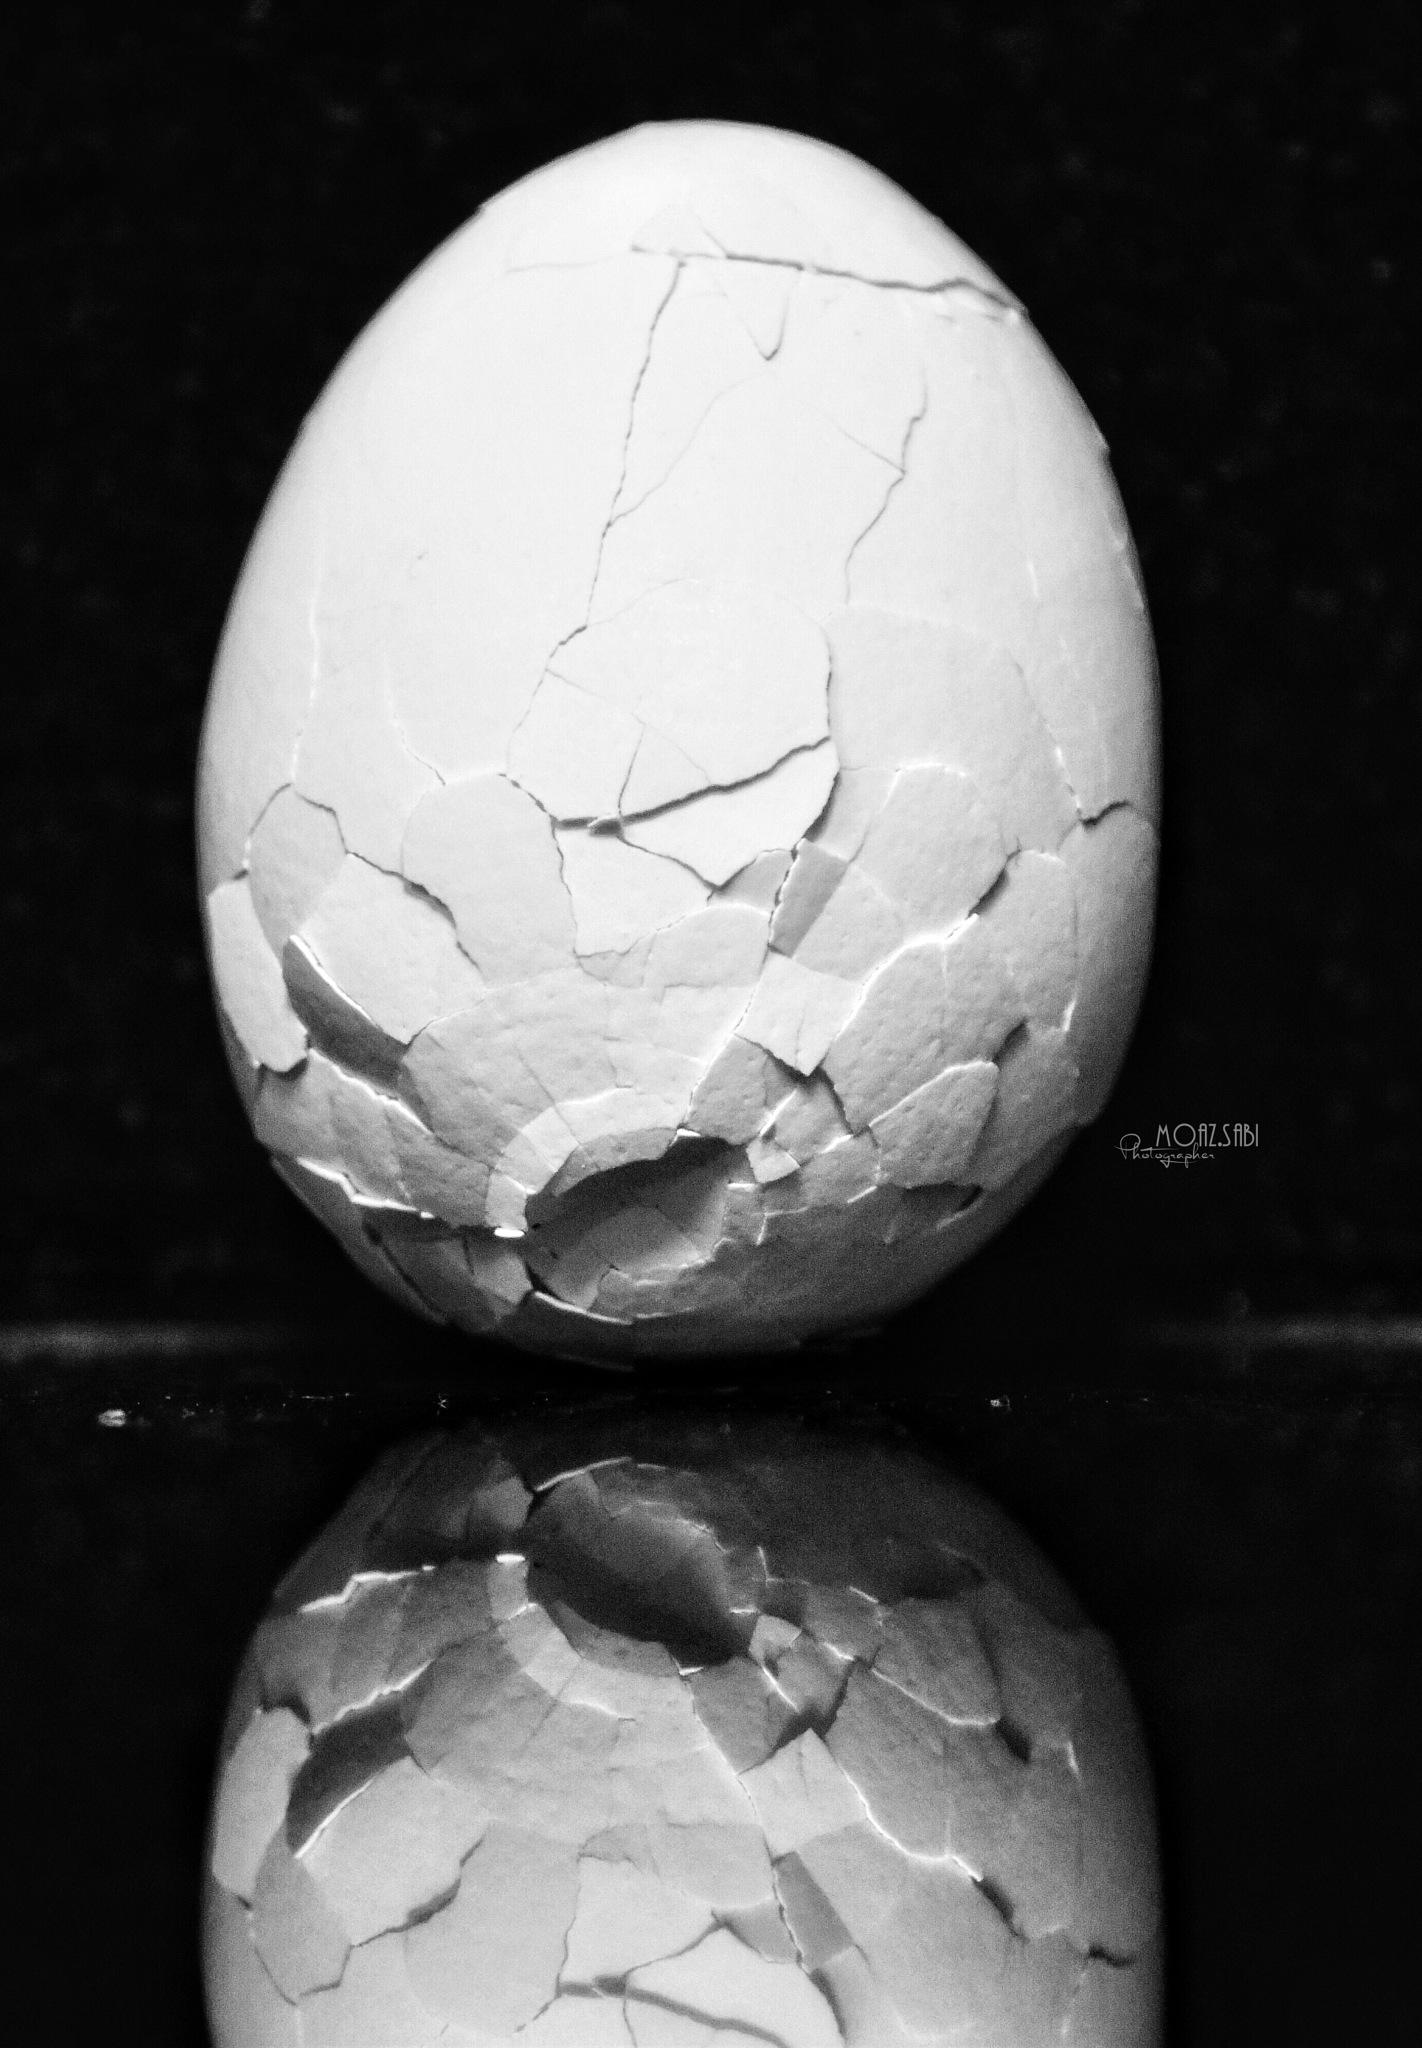 Broken Reflection  by Moaz Sabi